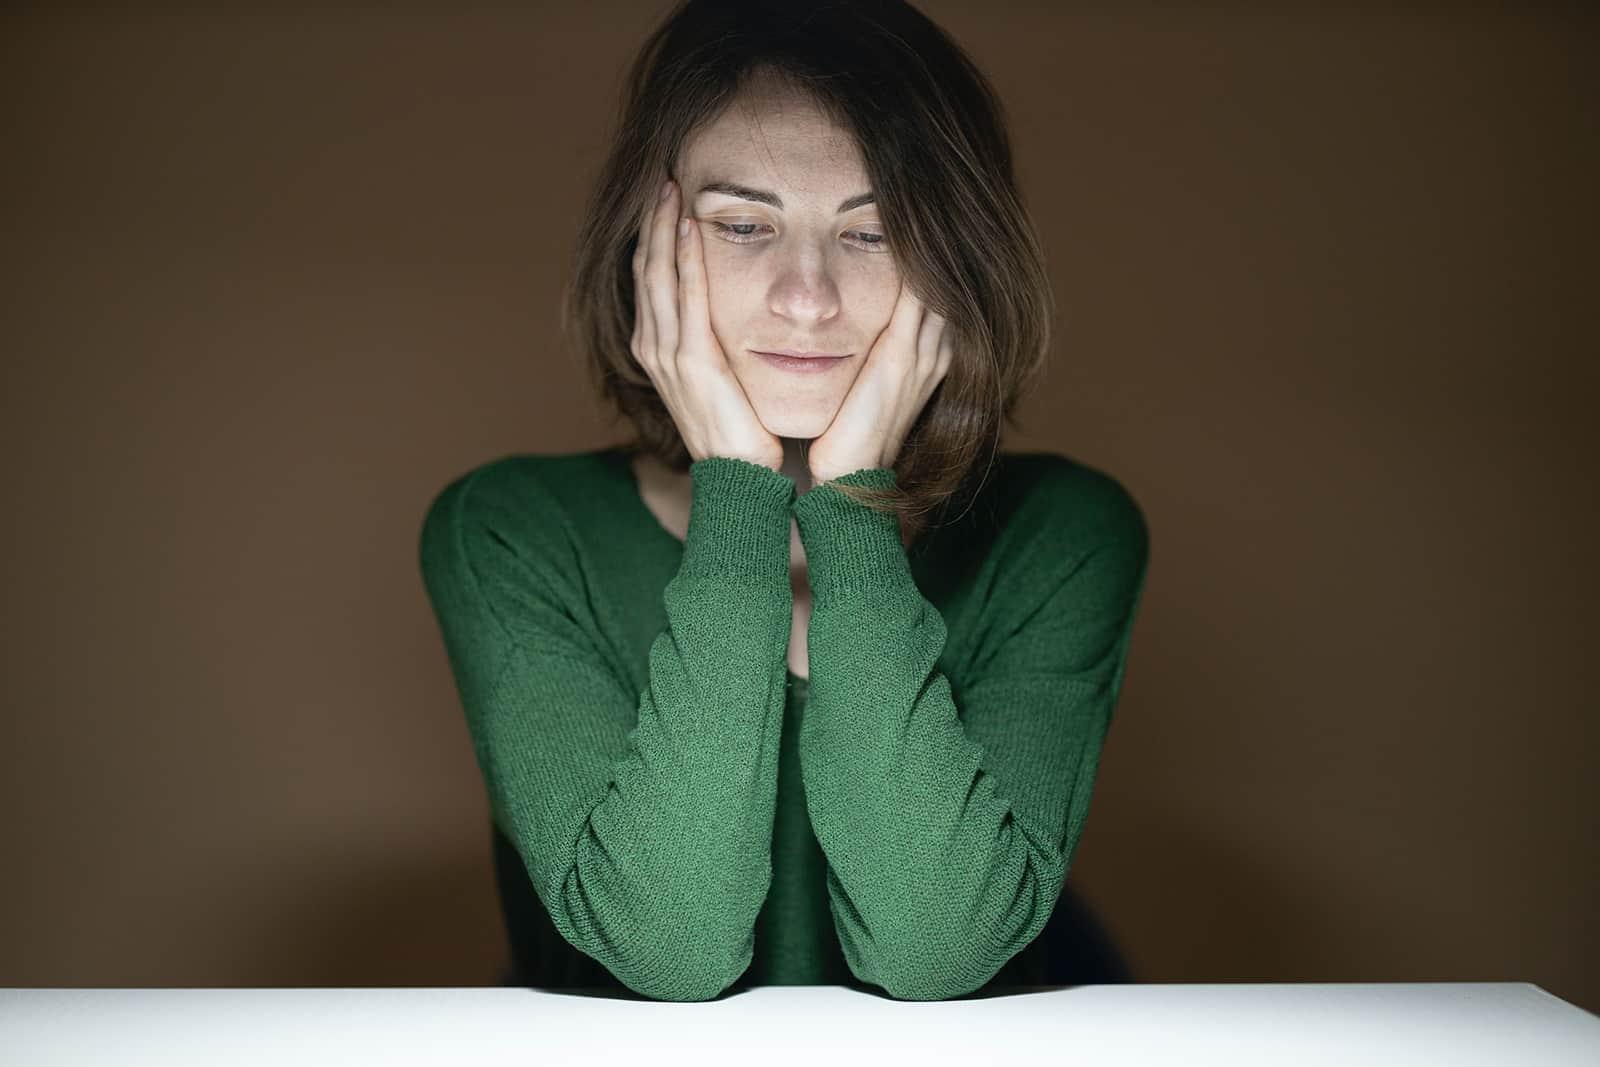 eine depressive Frau, die am Tisch sitzt und nach unten schaut